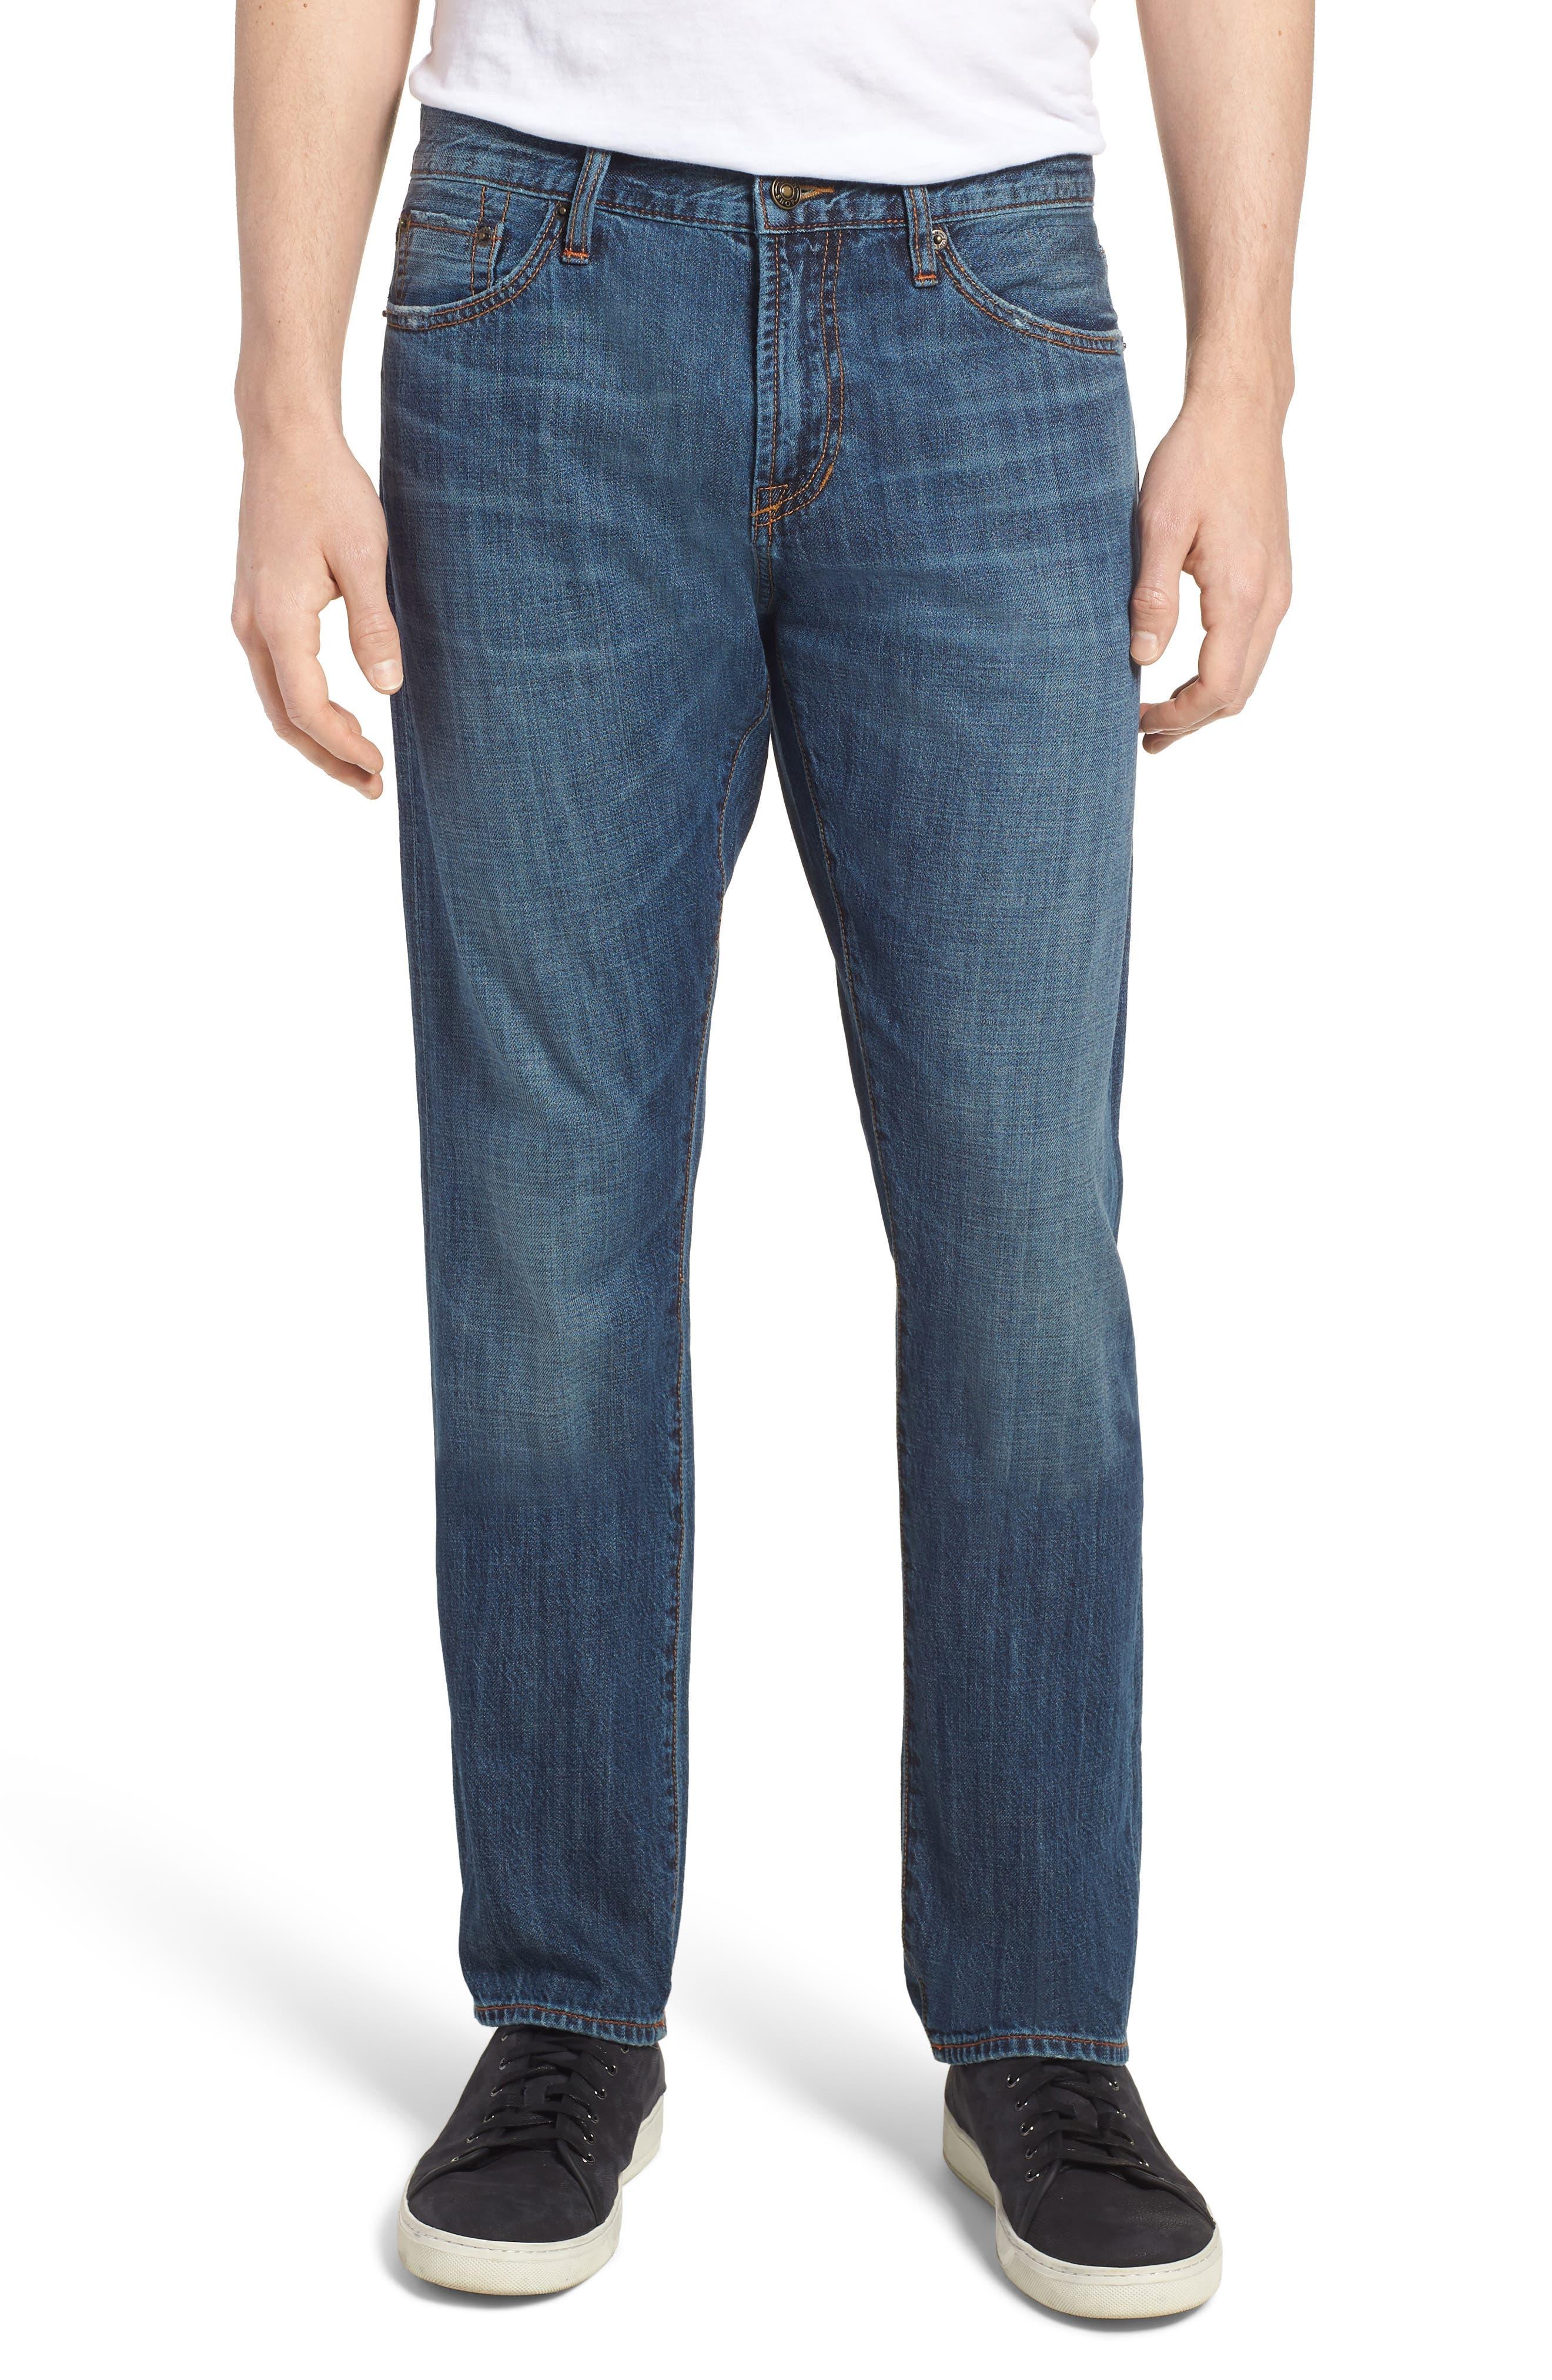 Jim Slim Fit Jeans,                             Main thumbnail 1, color,                             Greenwood